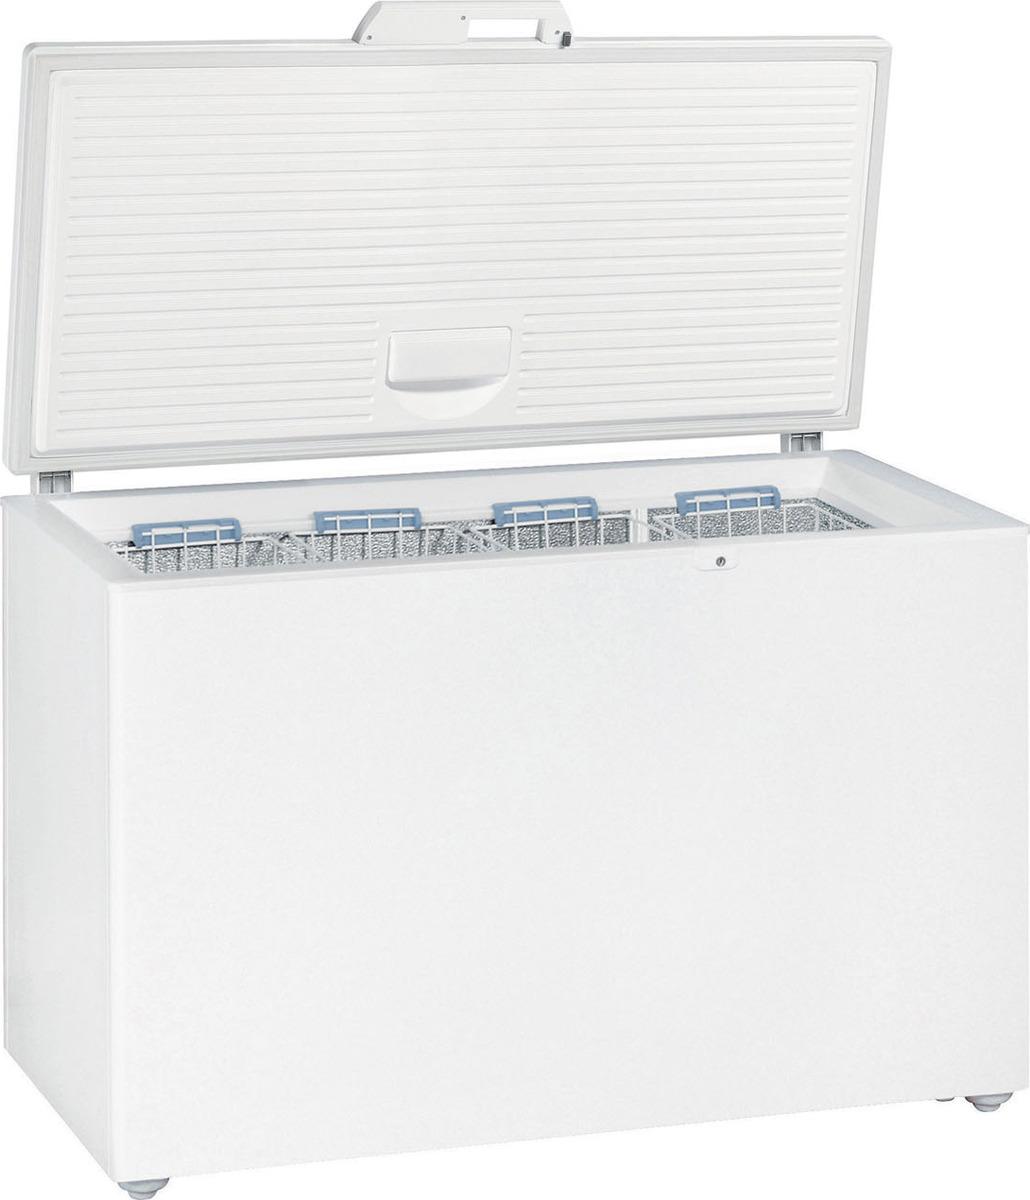 Морозильный ларь Liebherr, GTP 3126-26001 морозильный ларь liebherr gt 2632 20 001